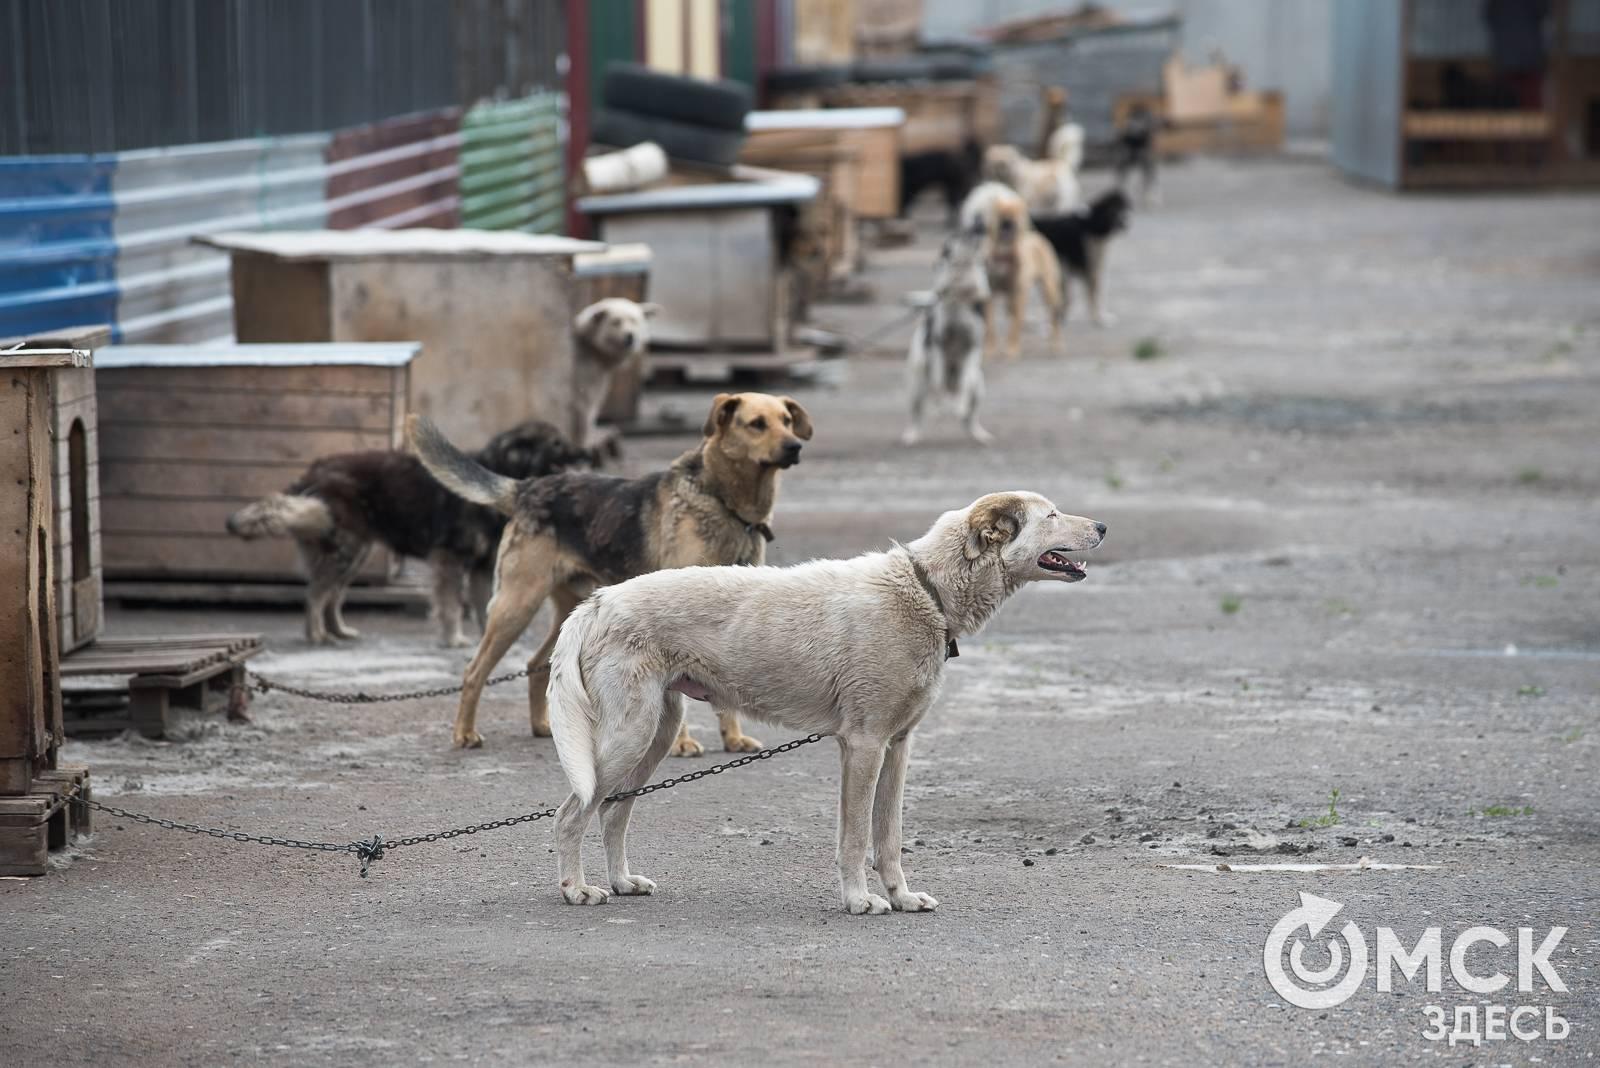 Бездомные собаки получат землю - парламентская газета